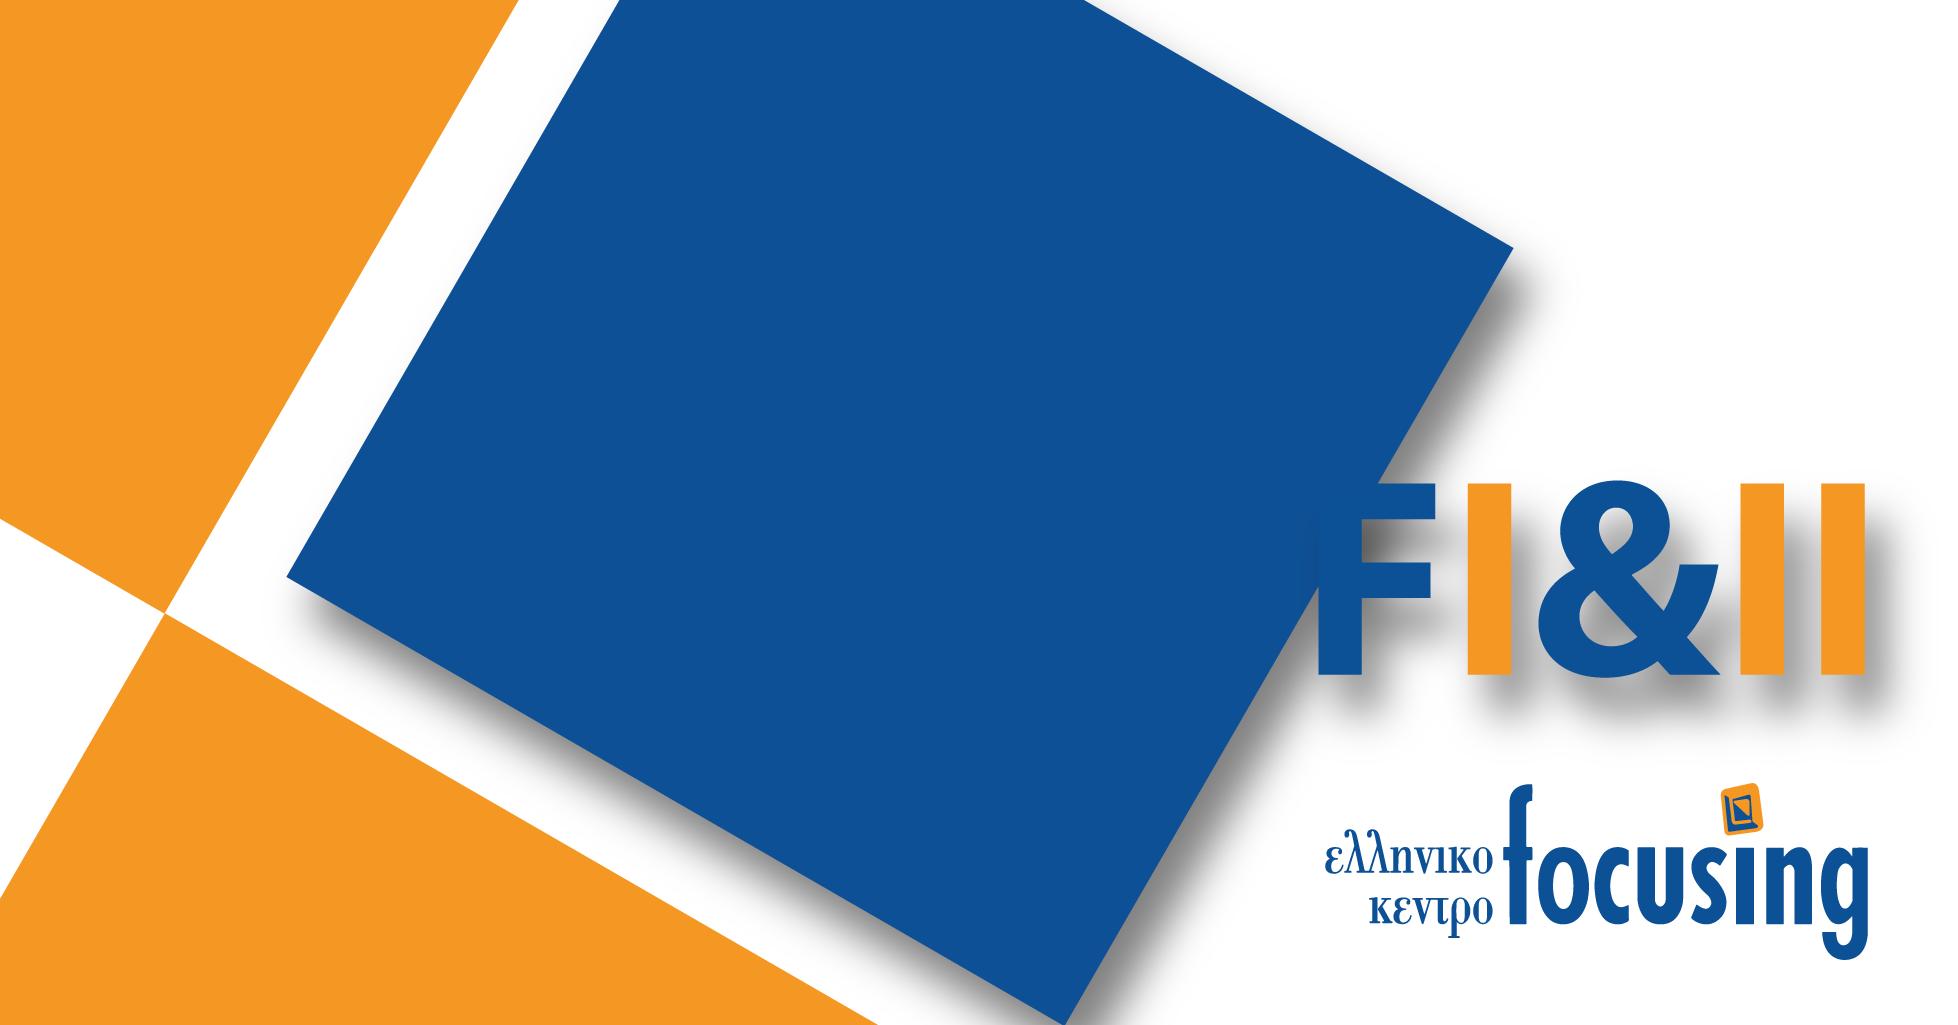 Εκπαίδευση στη βιωματική τεχνική του Focusing – Επίπεδο Ι και ΙΙ – Αθήνα & Θεσσαλονίκη